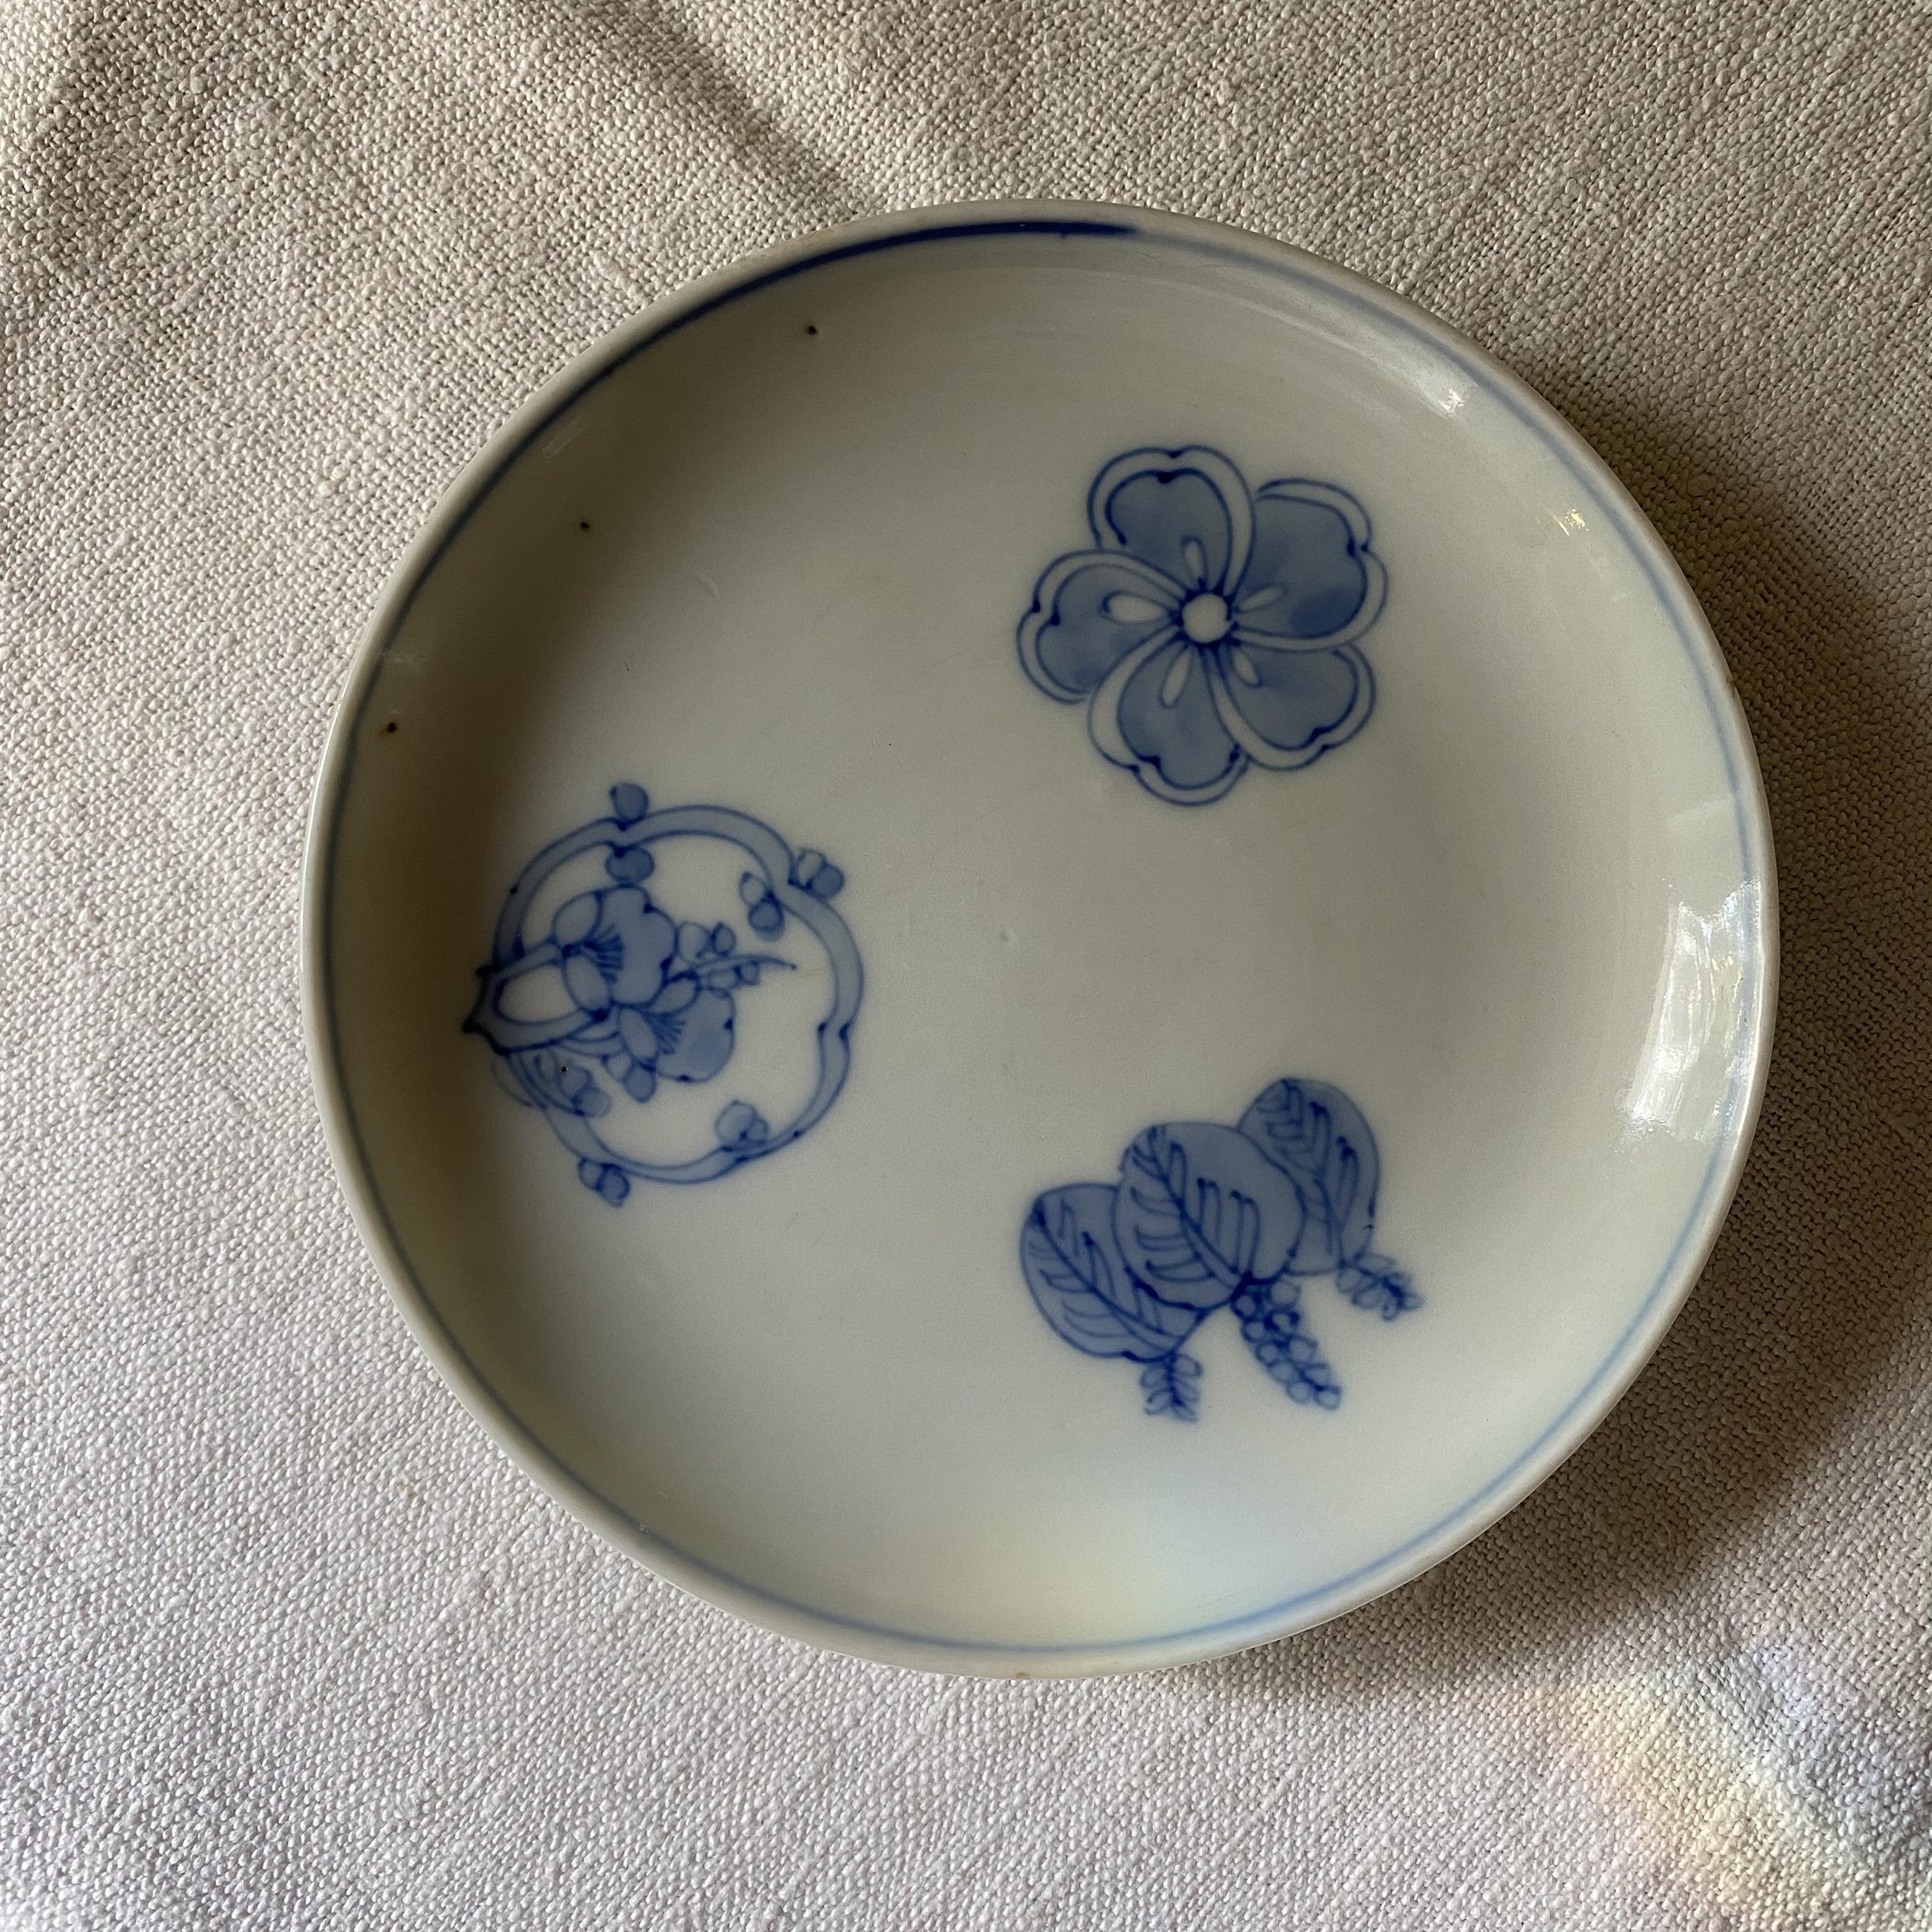 3種の植物が描かれたお皿